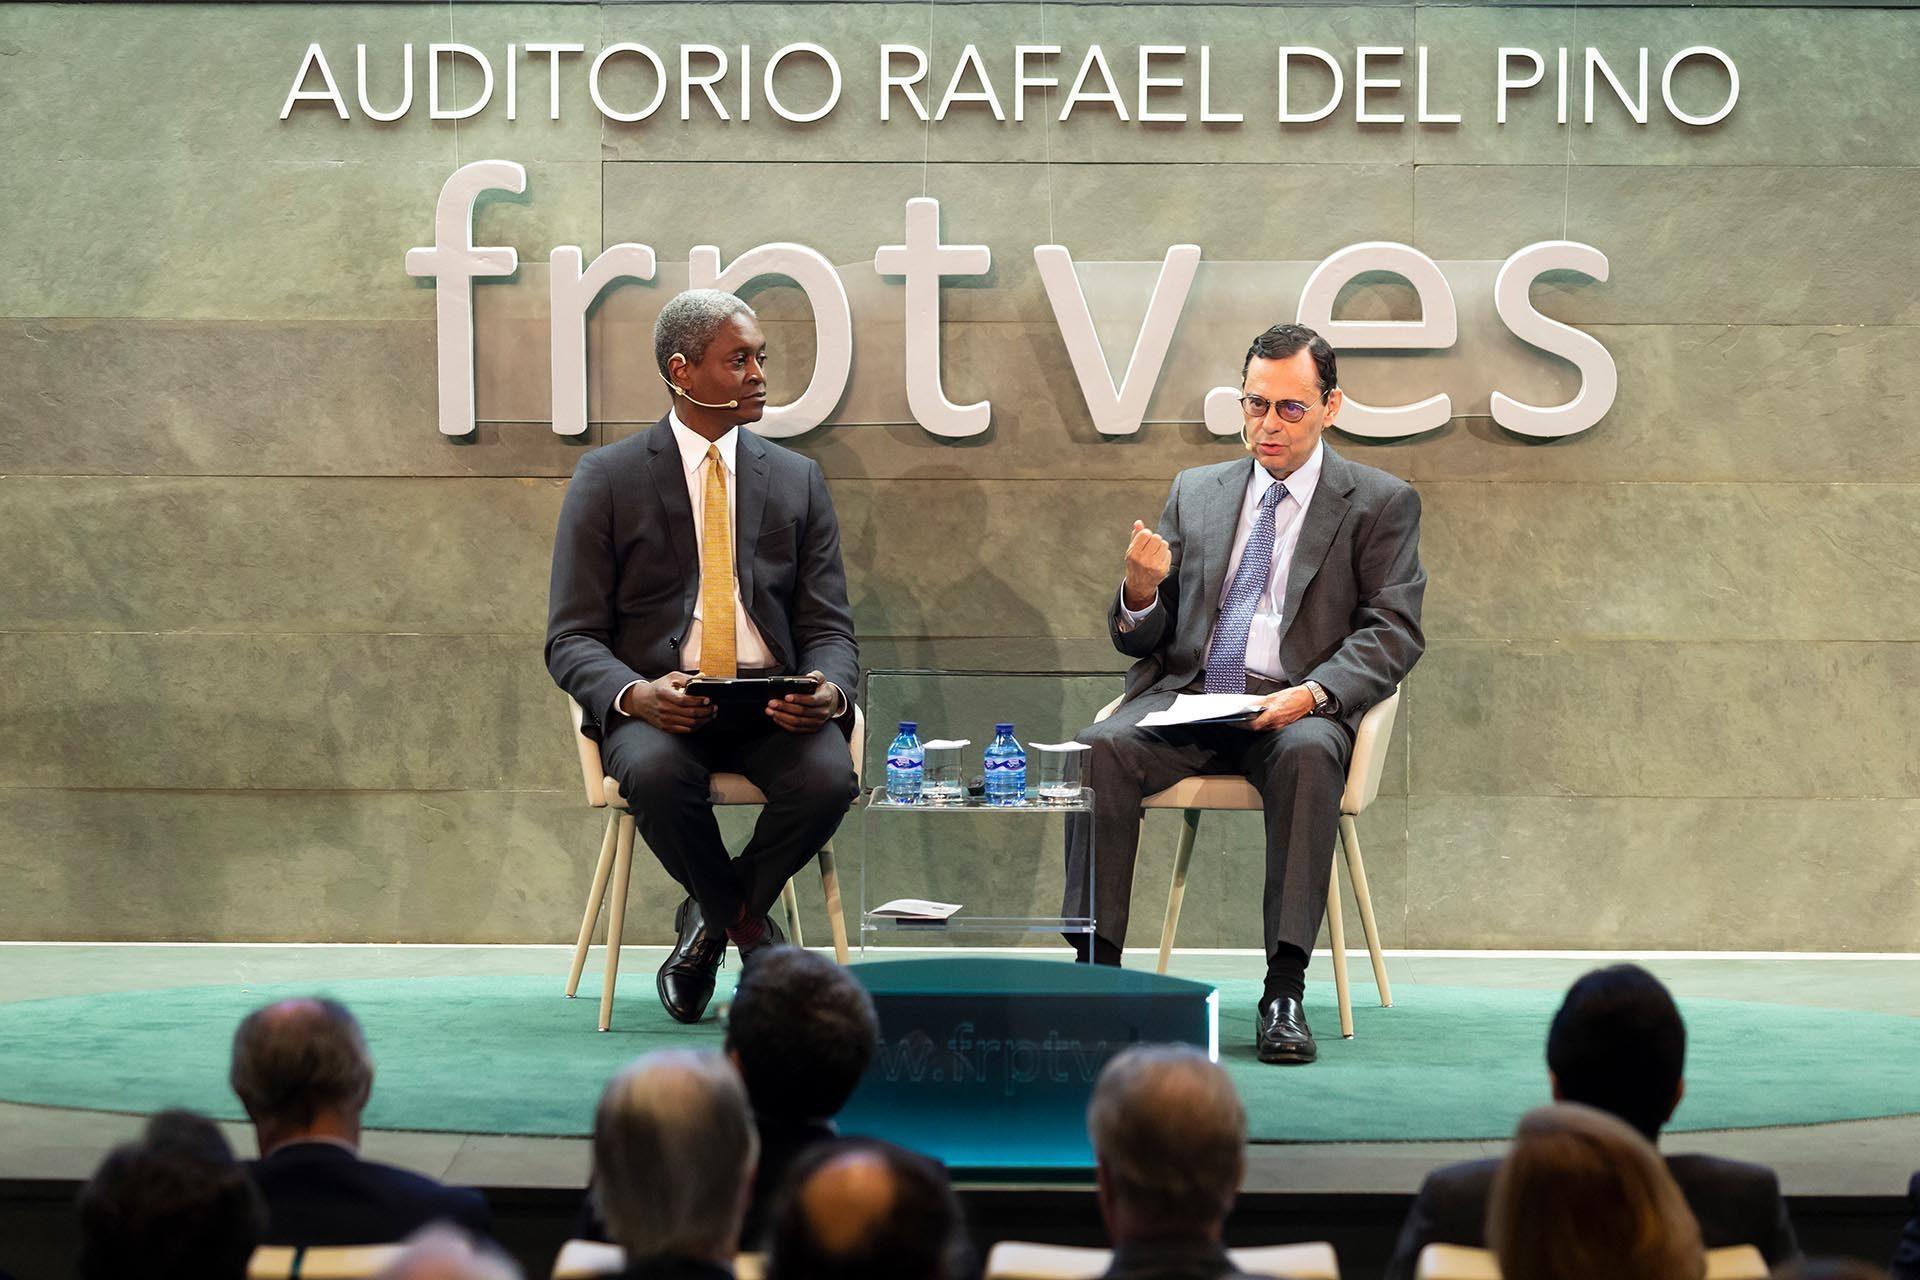 Raphael-Bostic-Jaime-Caruana-Fundación-Rafael-Pino-eeuu-escenario-geopolítico-política-monetaria-recurso-bbva